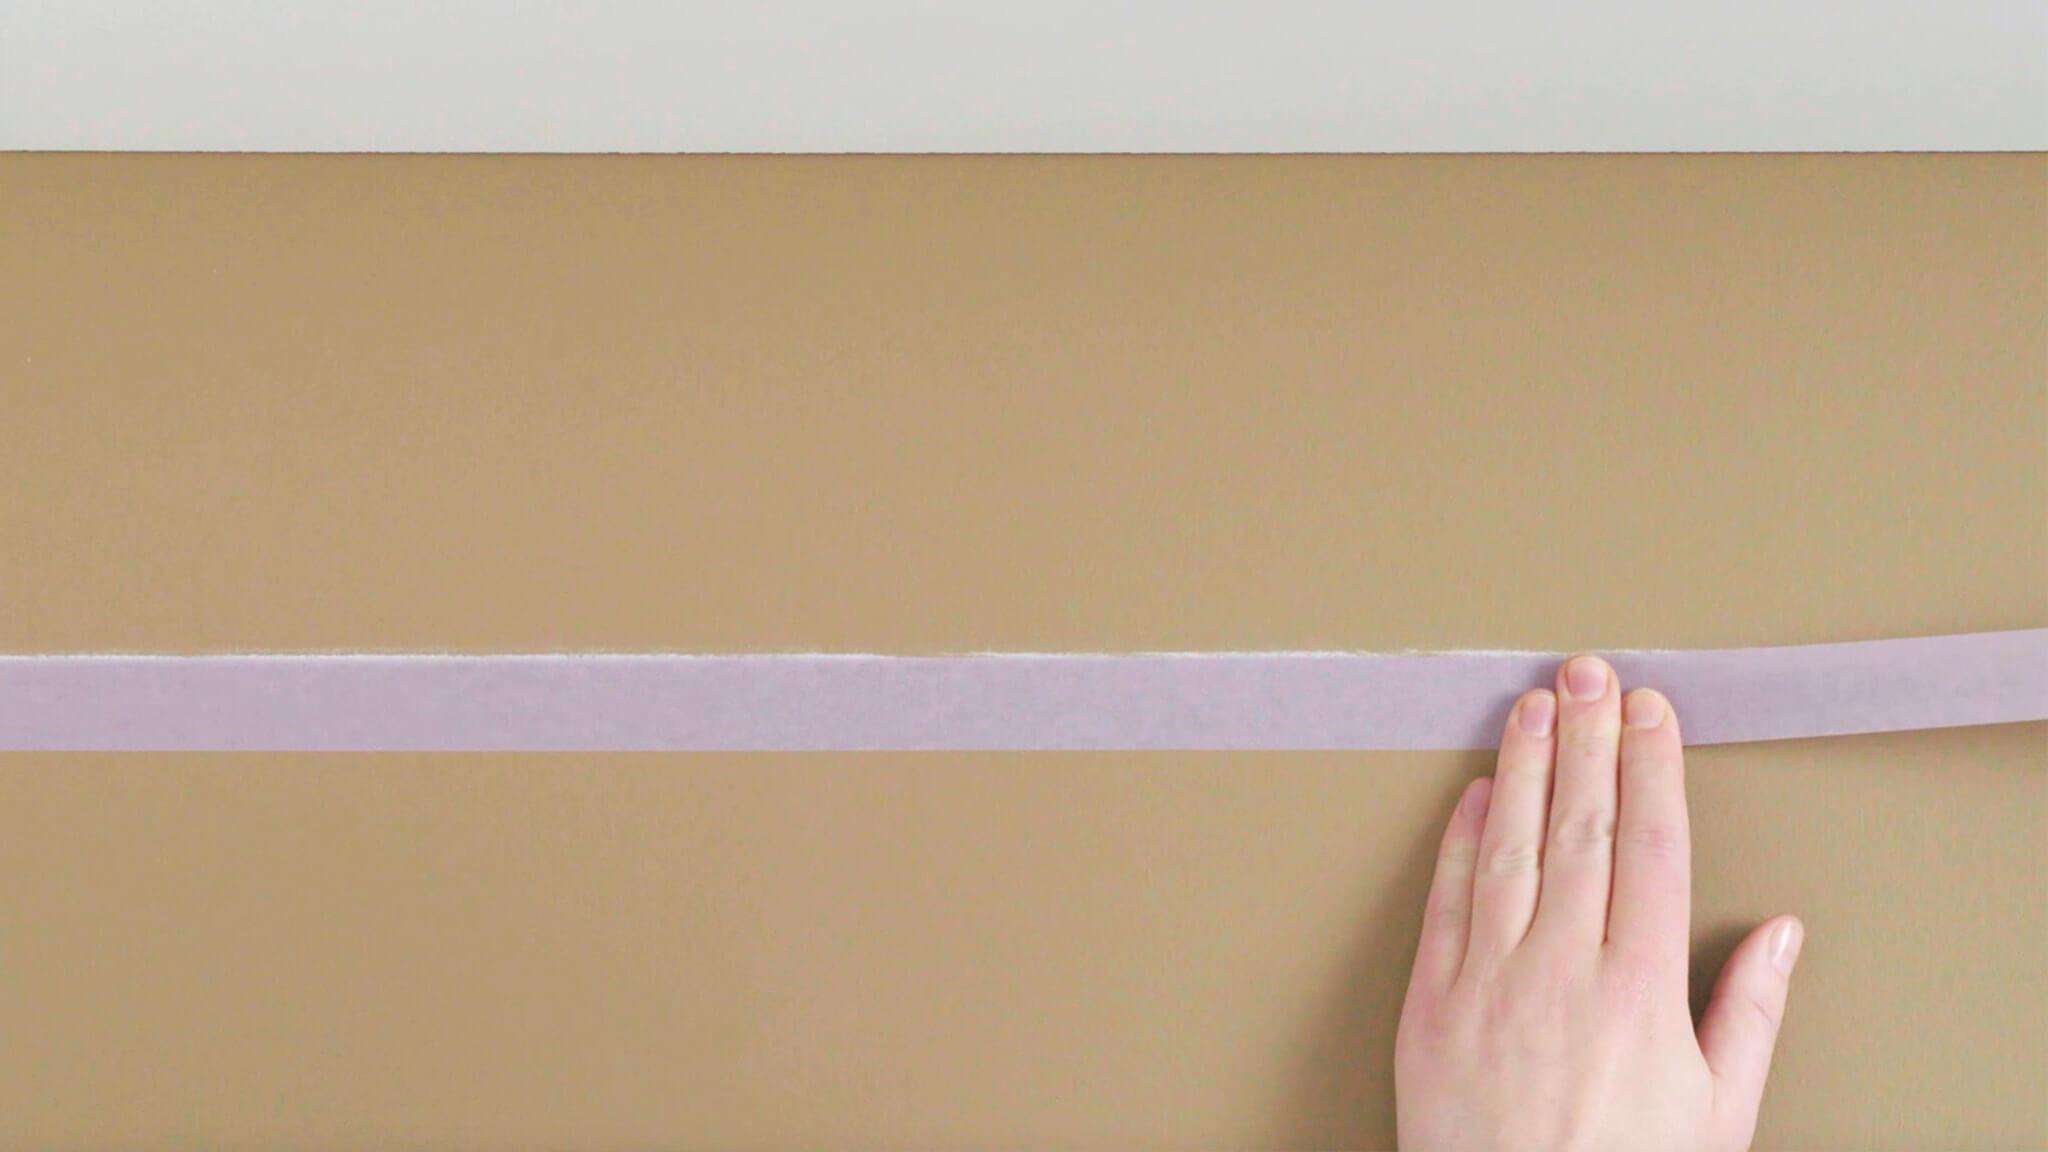 Phối màu sơn tường kẻ sọc đẹp